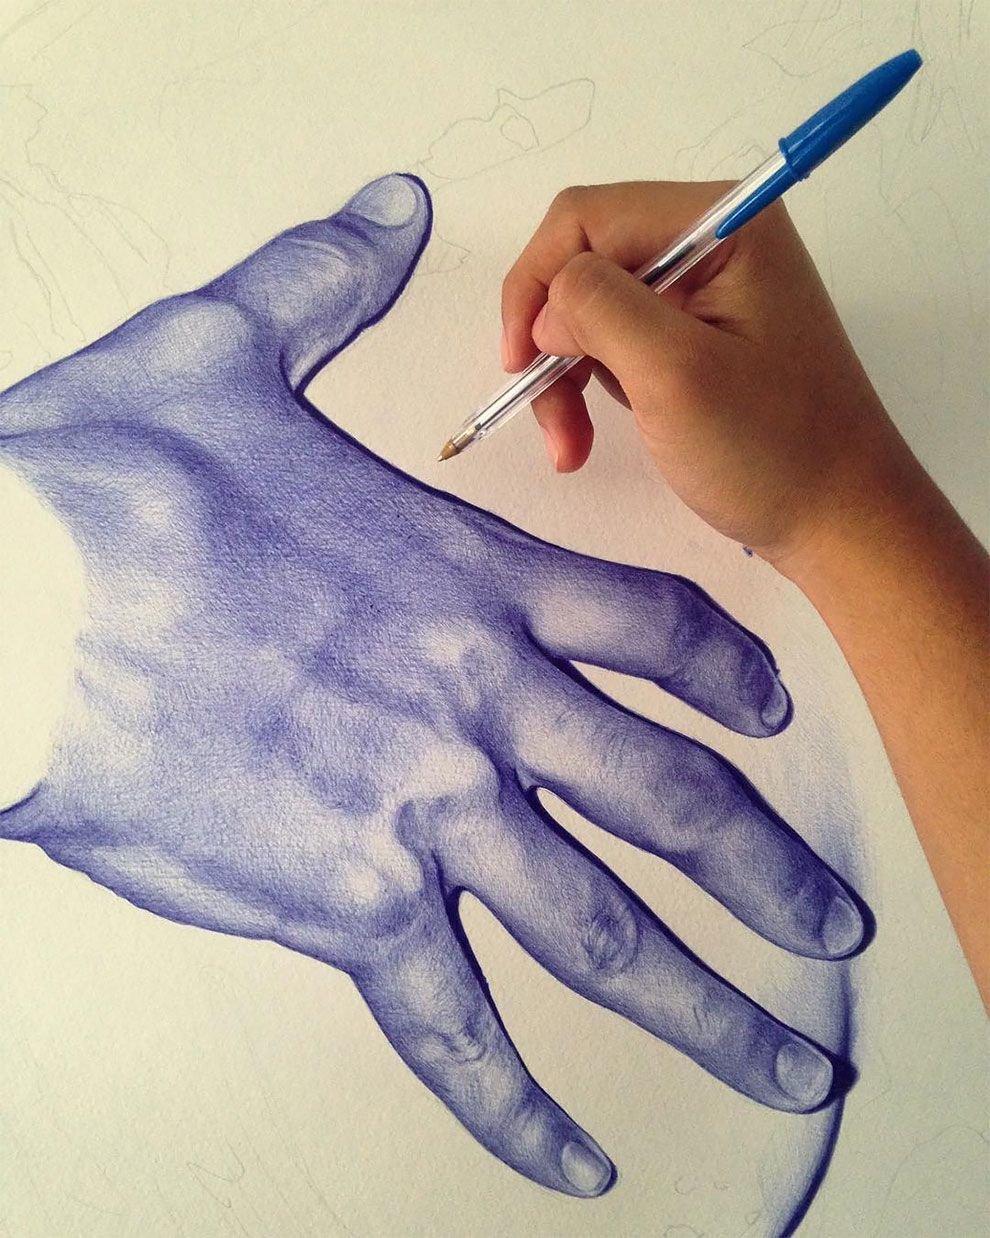 красивые рисунки шариковой ручкой для начинающих одной части